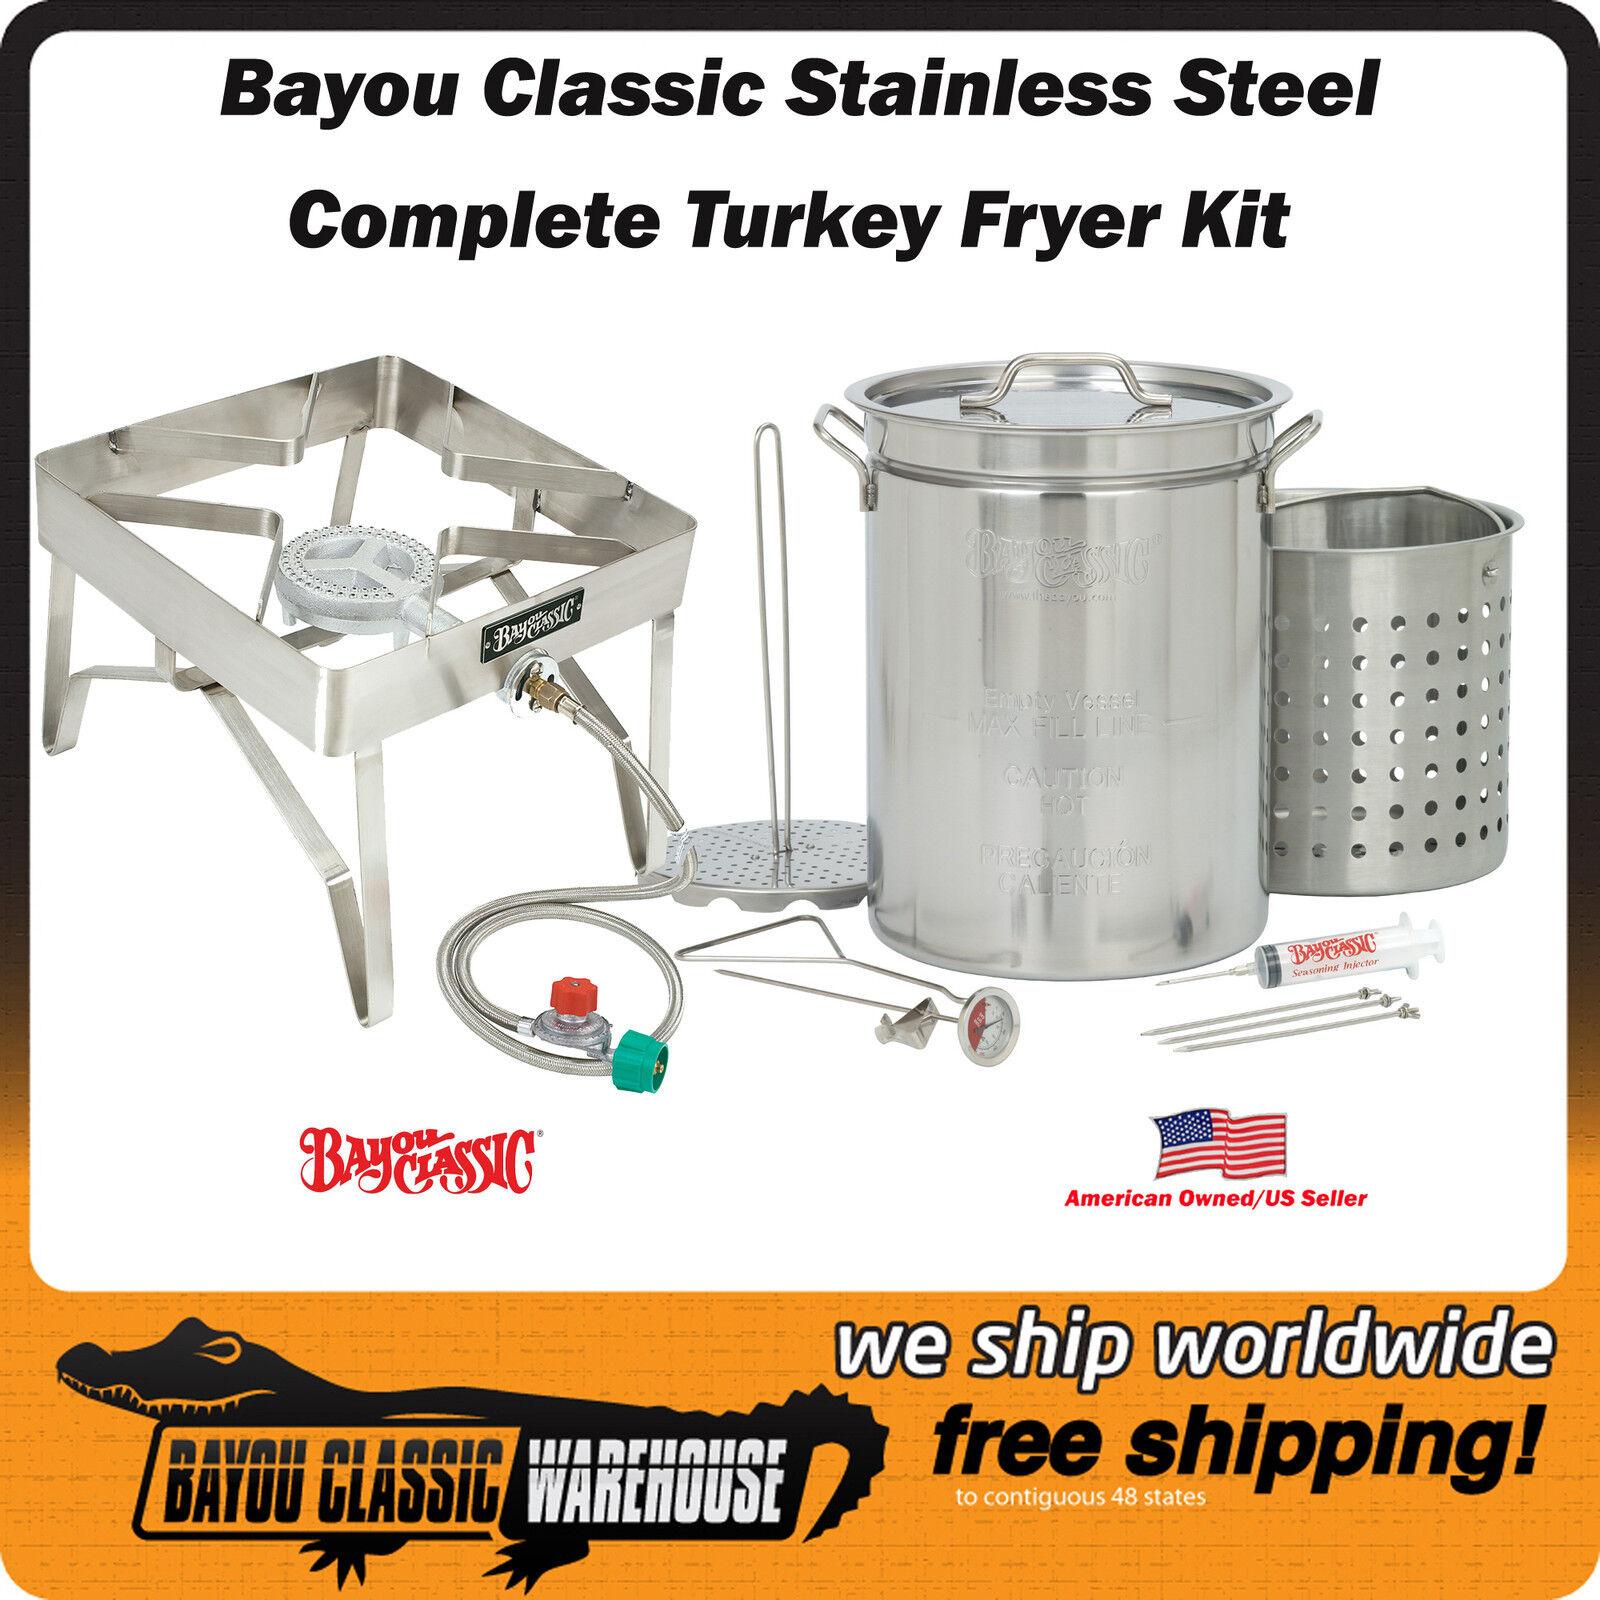 Acier inoxydable de qualité commerciale Turquie friteuse kit complet 32 QT Top Qualité